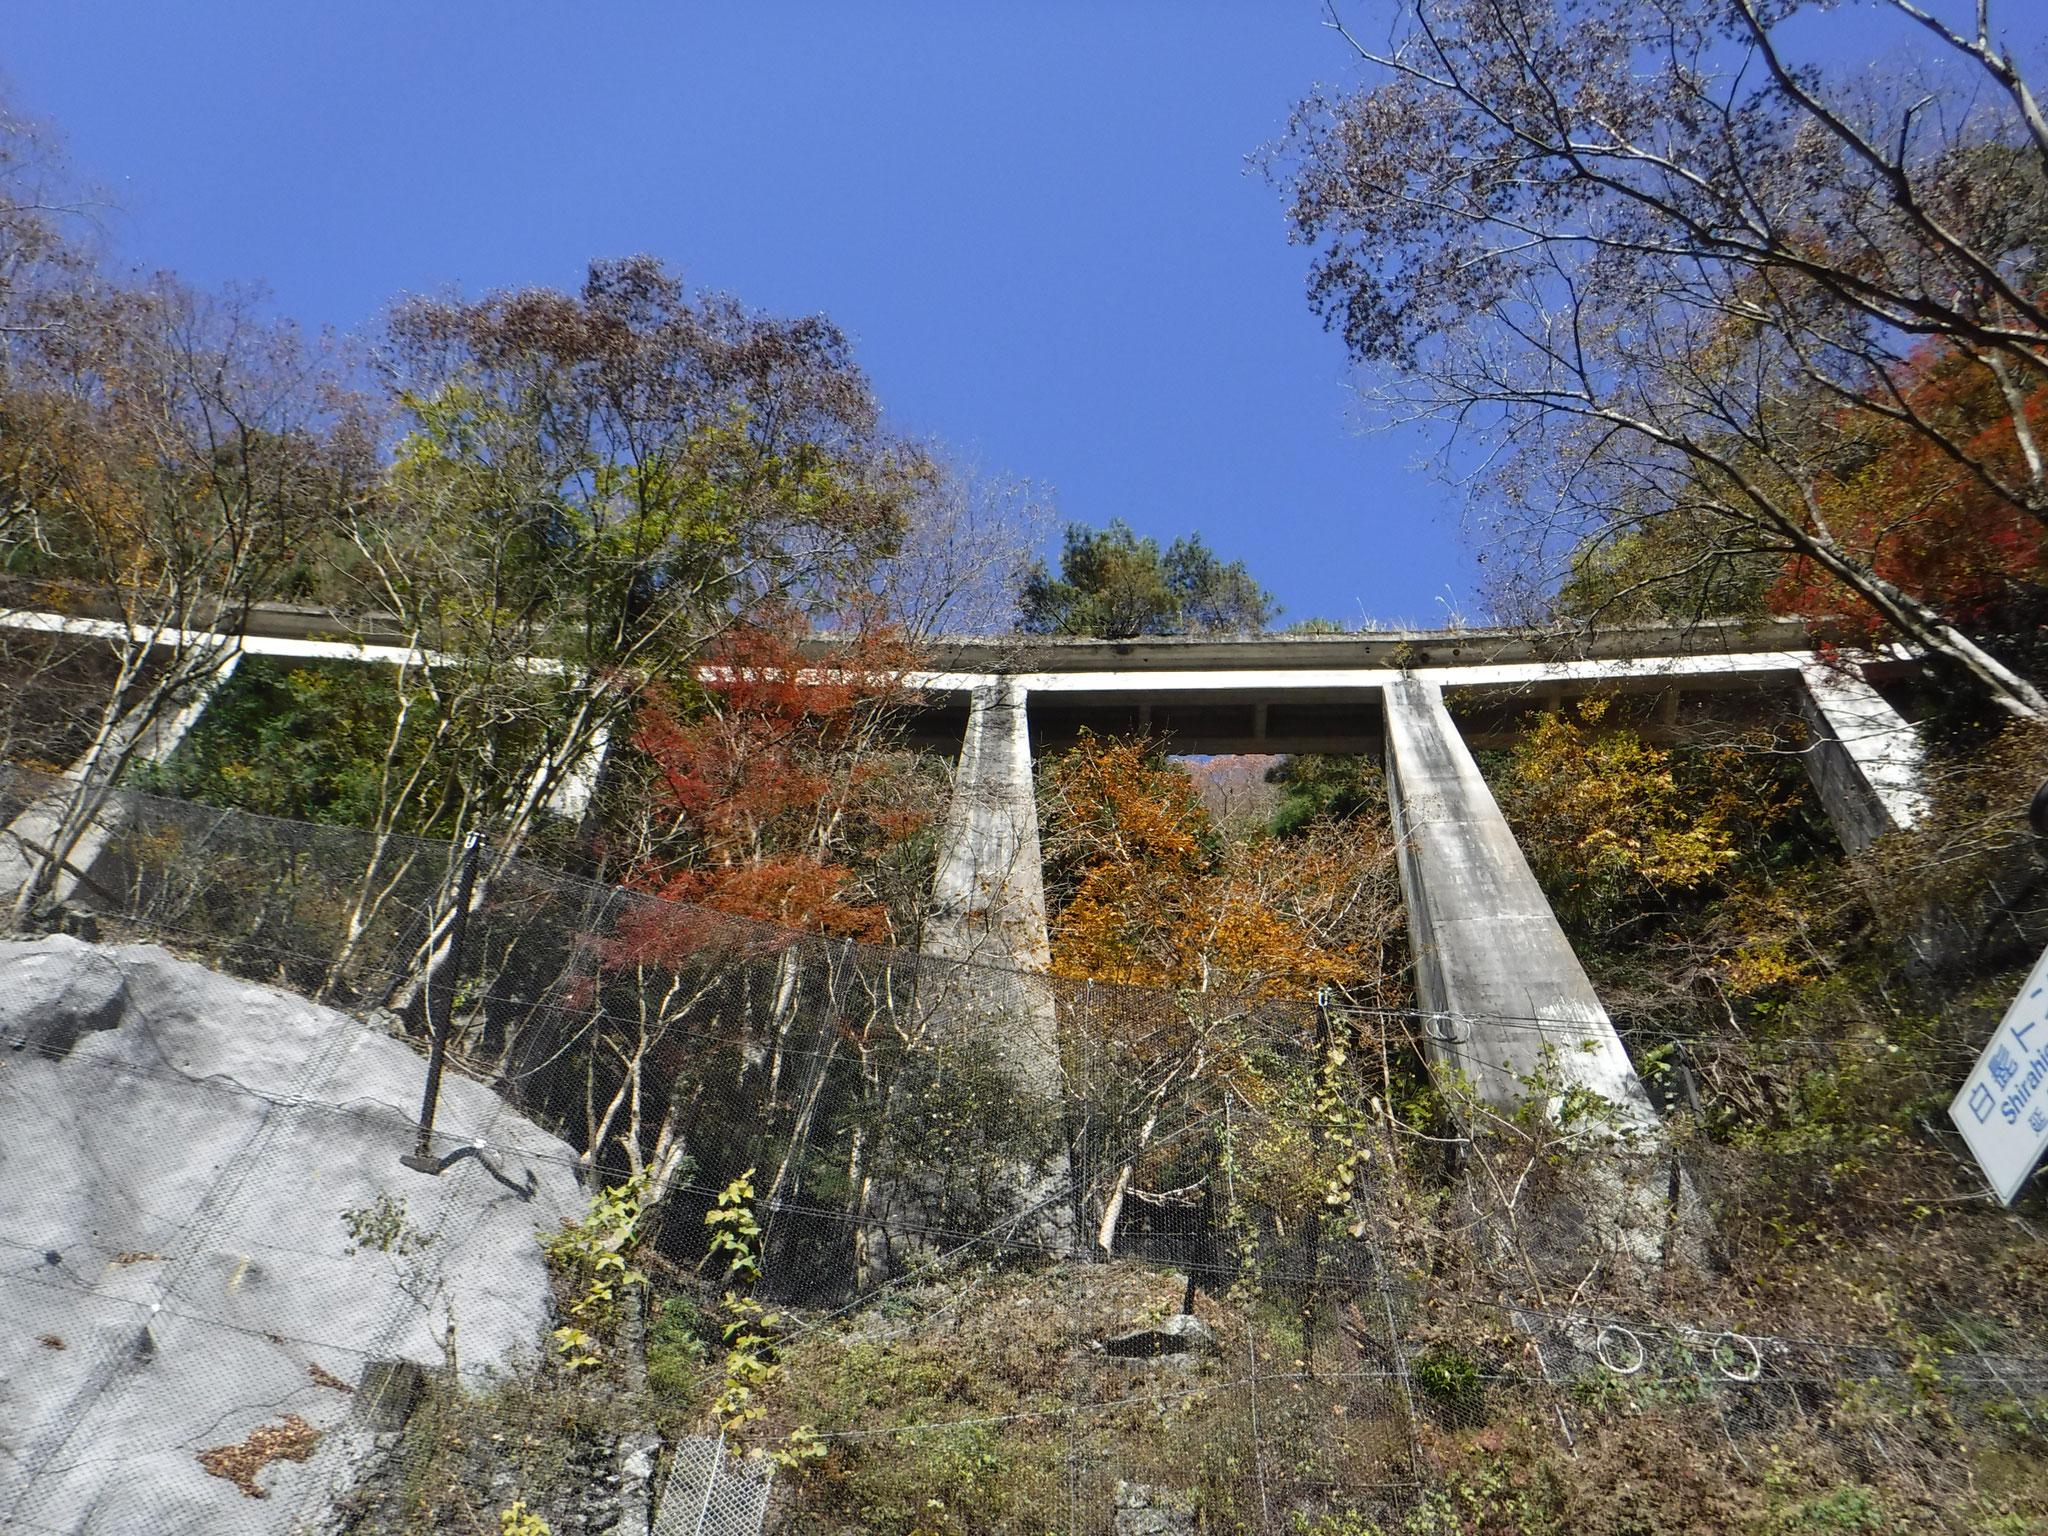 こちらも堅固な造りの橋梁、上を歩いてみたい!